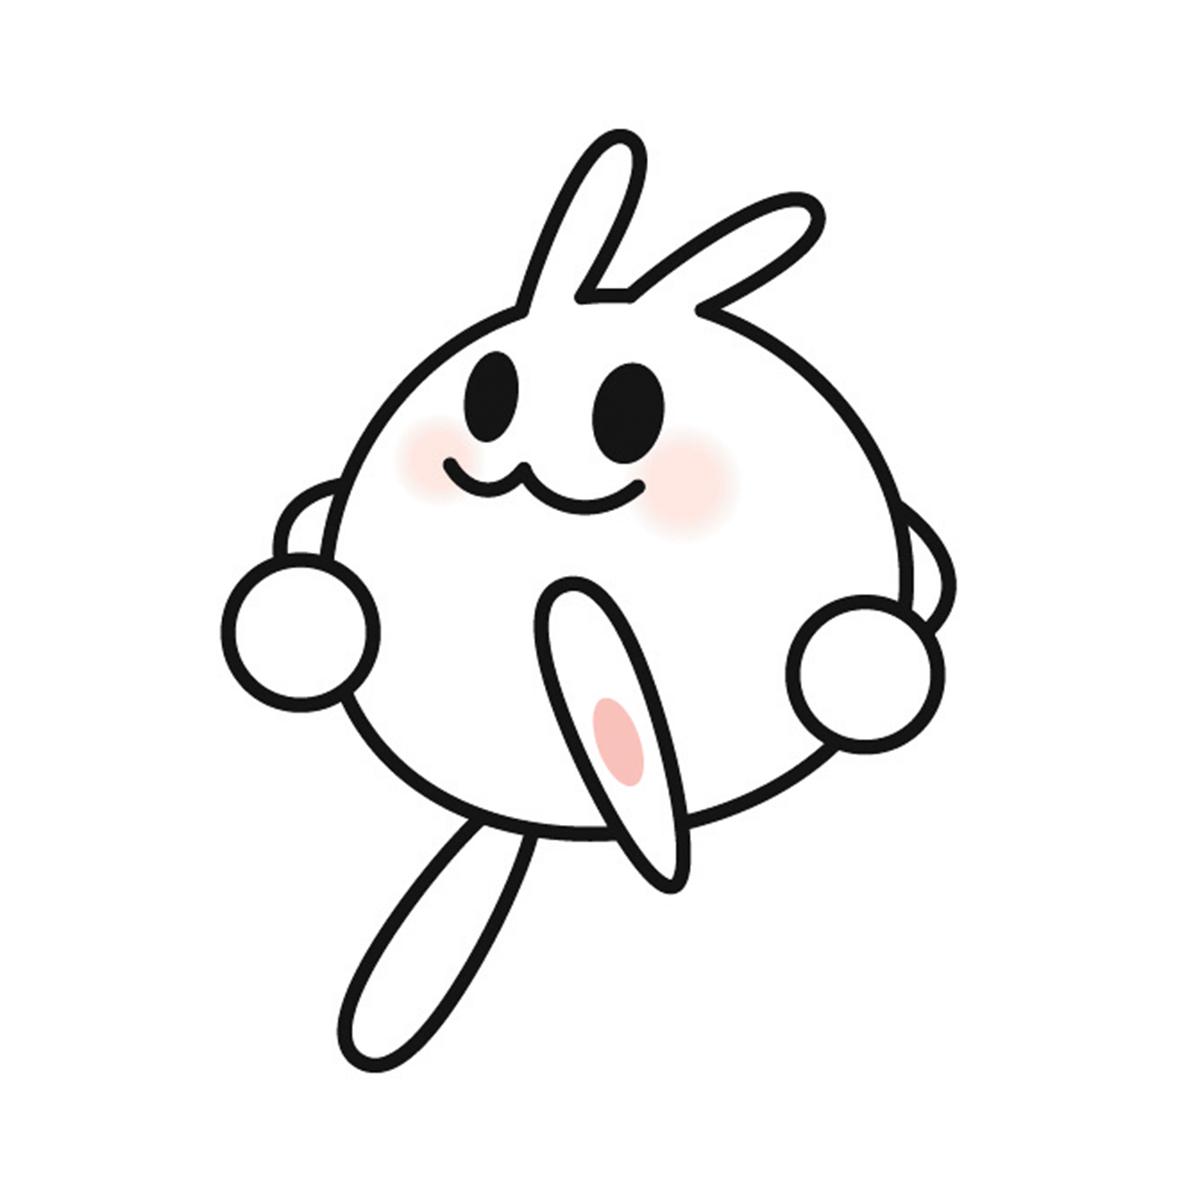 四国高速バス株式会社 キャラクター